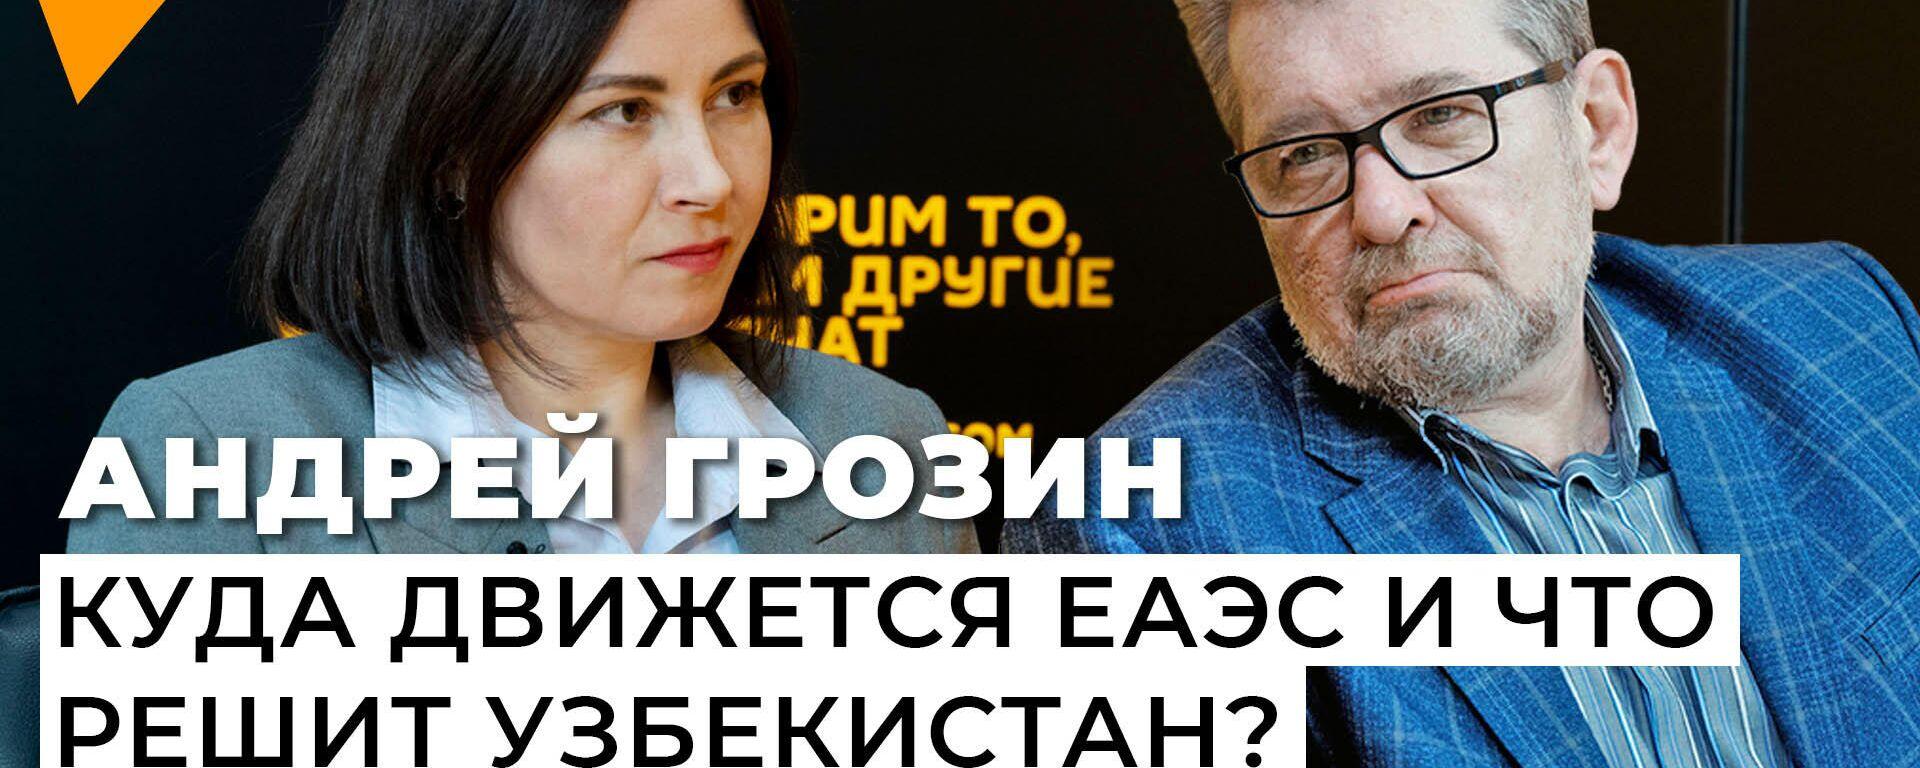 Интервью с Андреем Грозиным - Sputnik Узбекистан, 1920, 01.06.2021